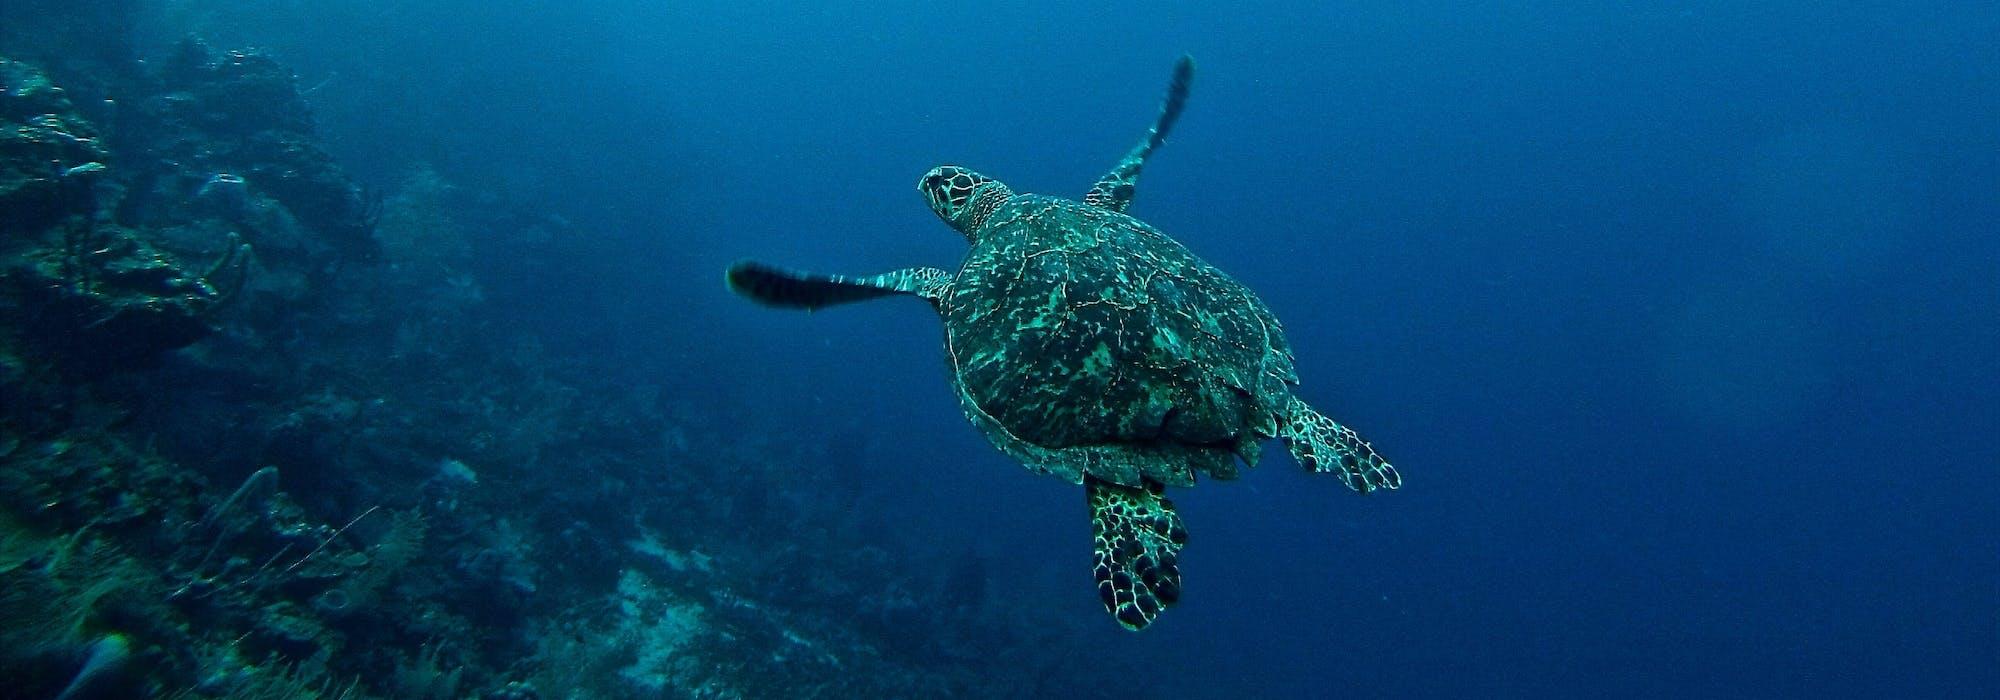 En sköldpadda glider fram under vattnet till höger om ett korallrev.